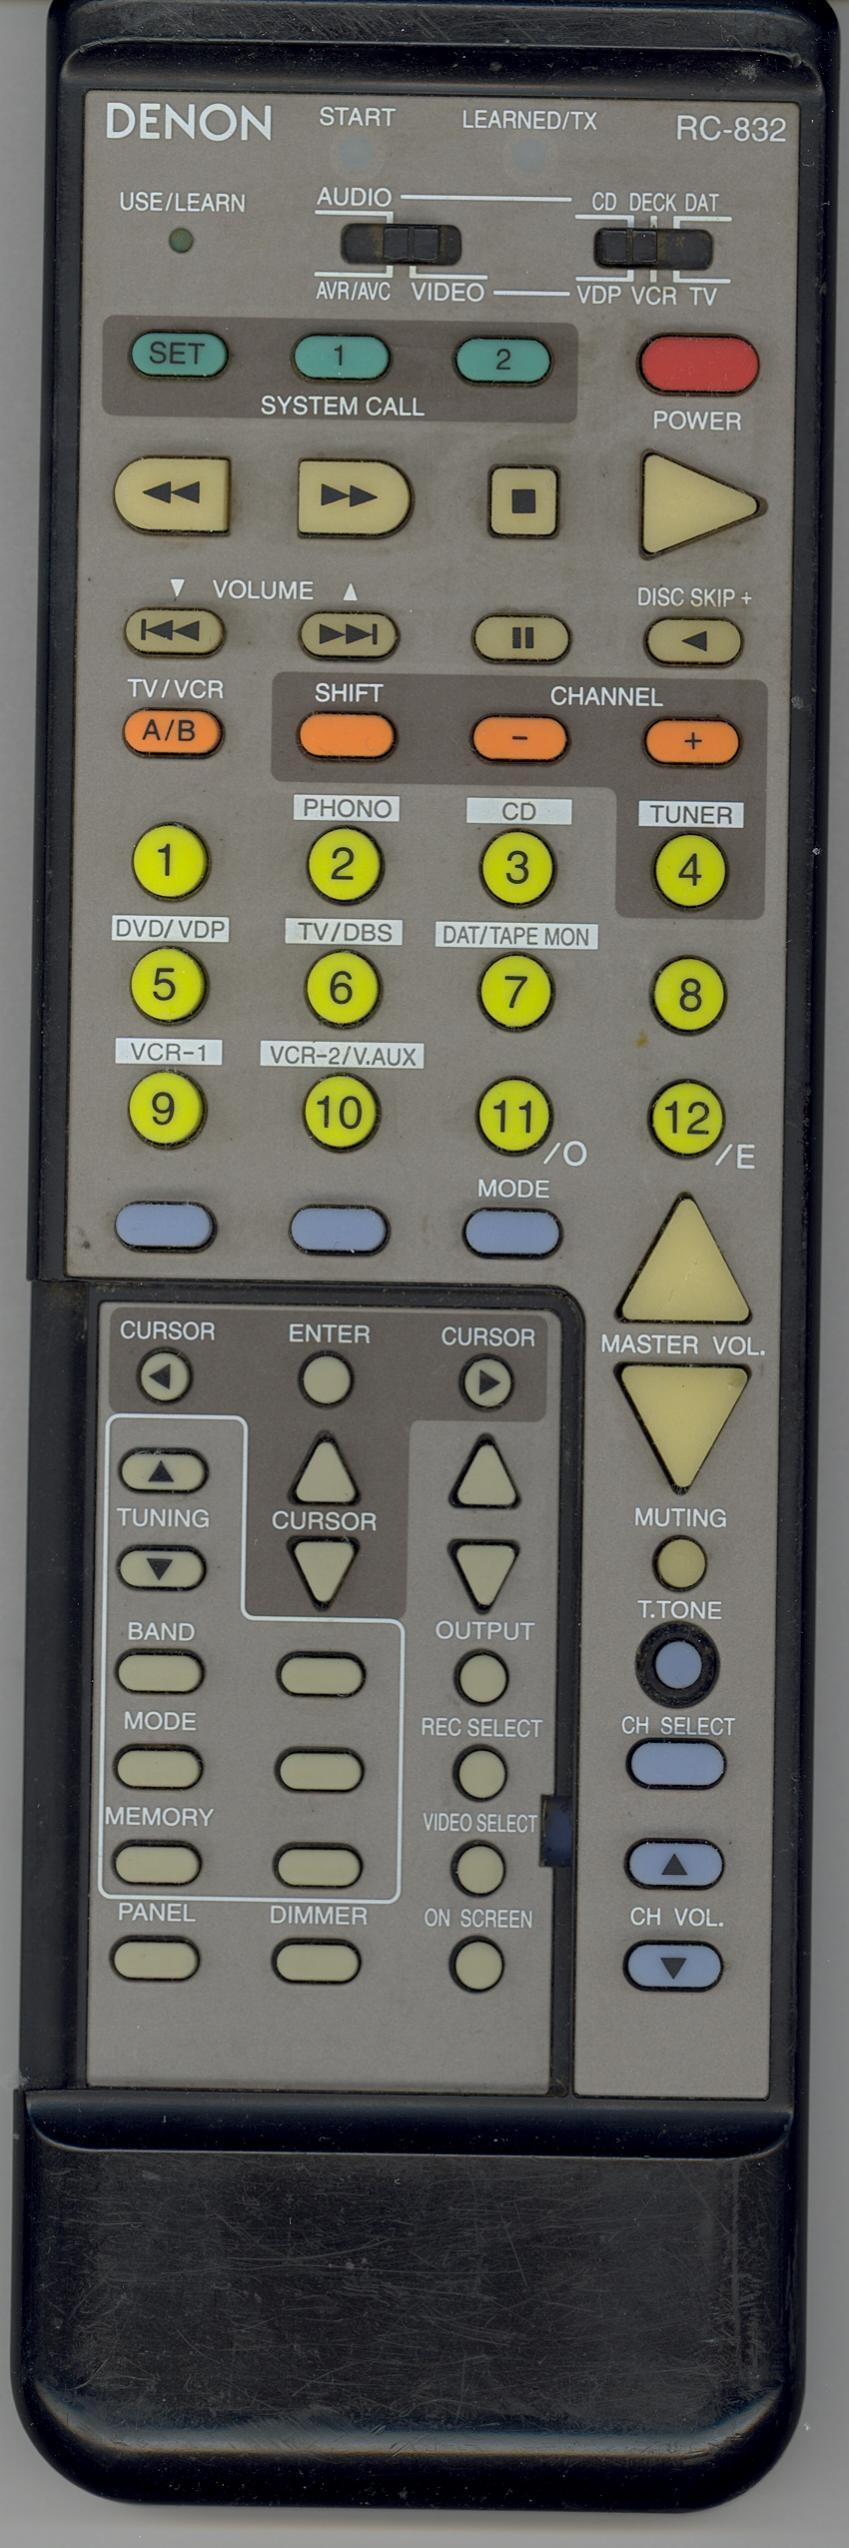 Denon avr 1400 user manual